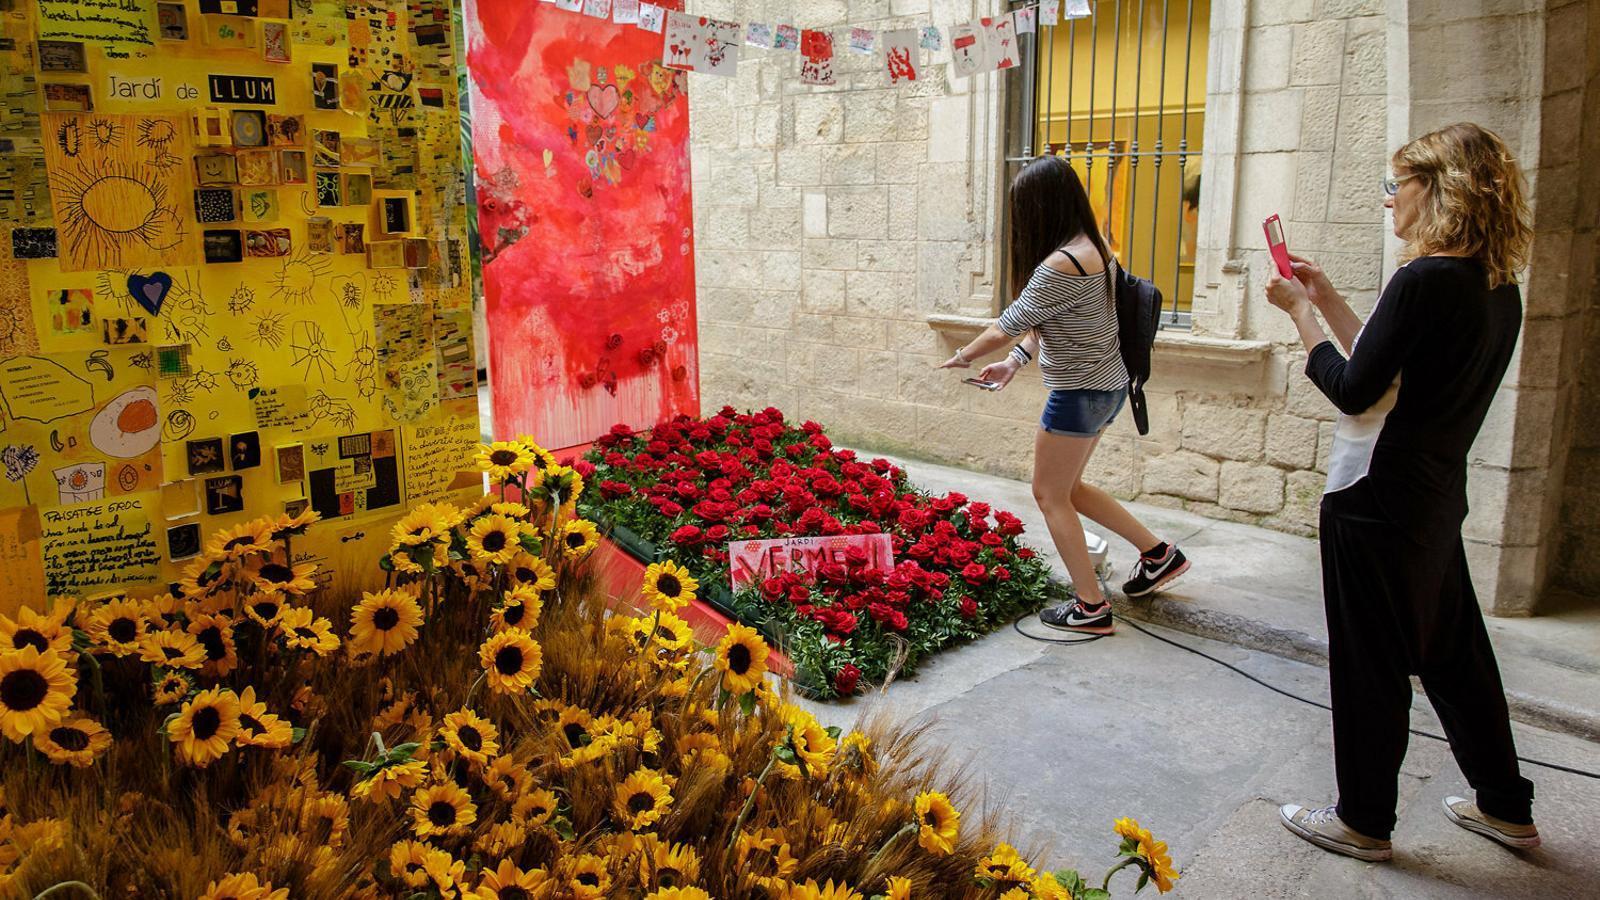 01. Temps de Flors a Girona. 02. Font decorada amb flors per a l'Ou com Balla del Museu Marès el dia de Corpus. 03. Catifes de flors a la Garriga.